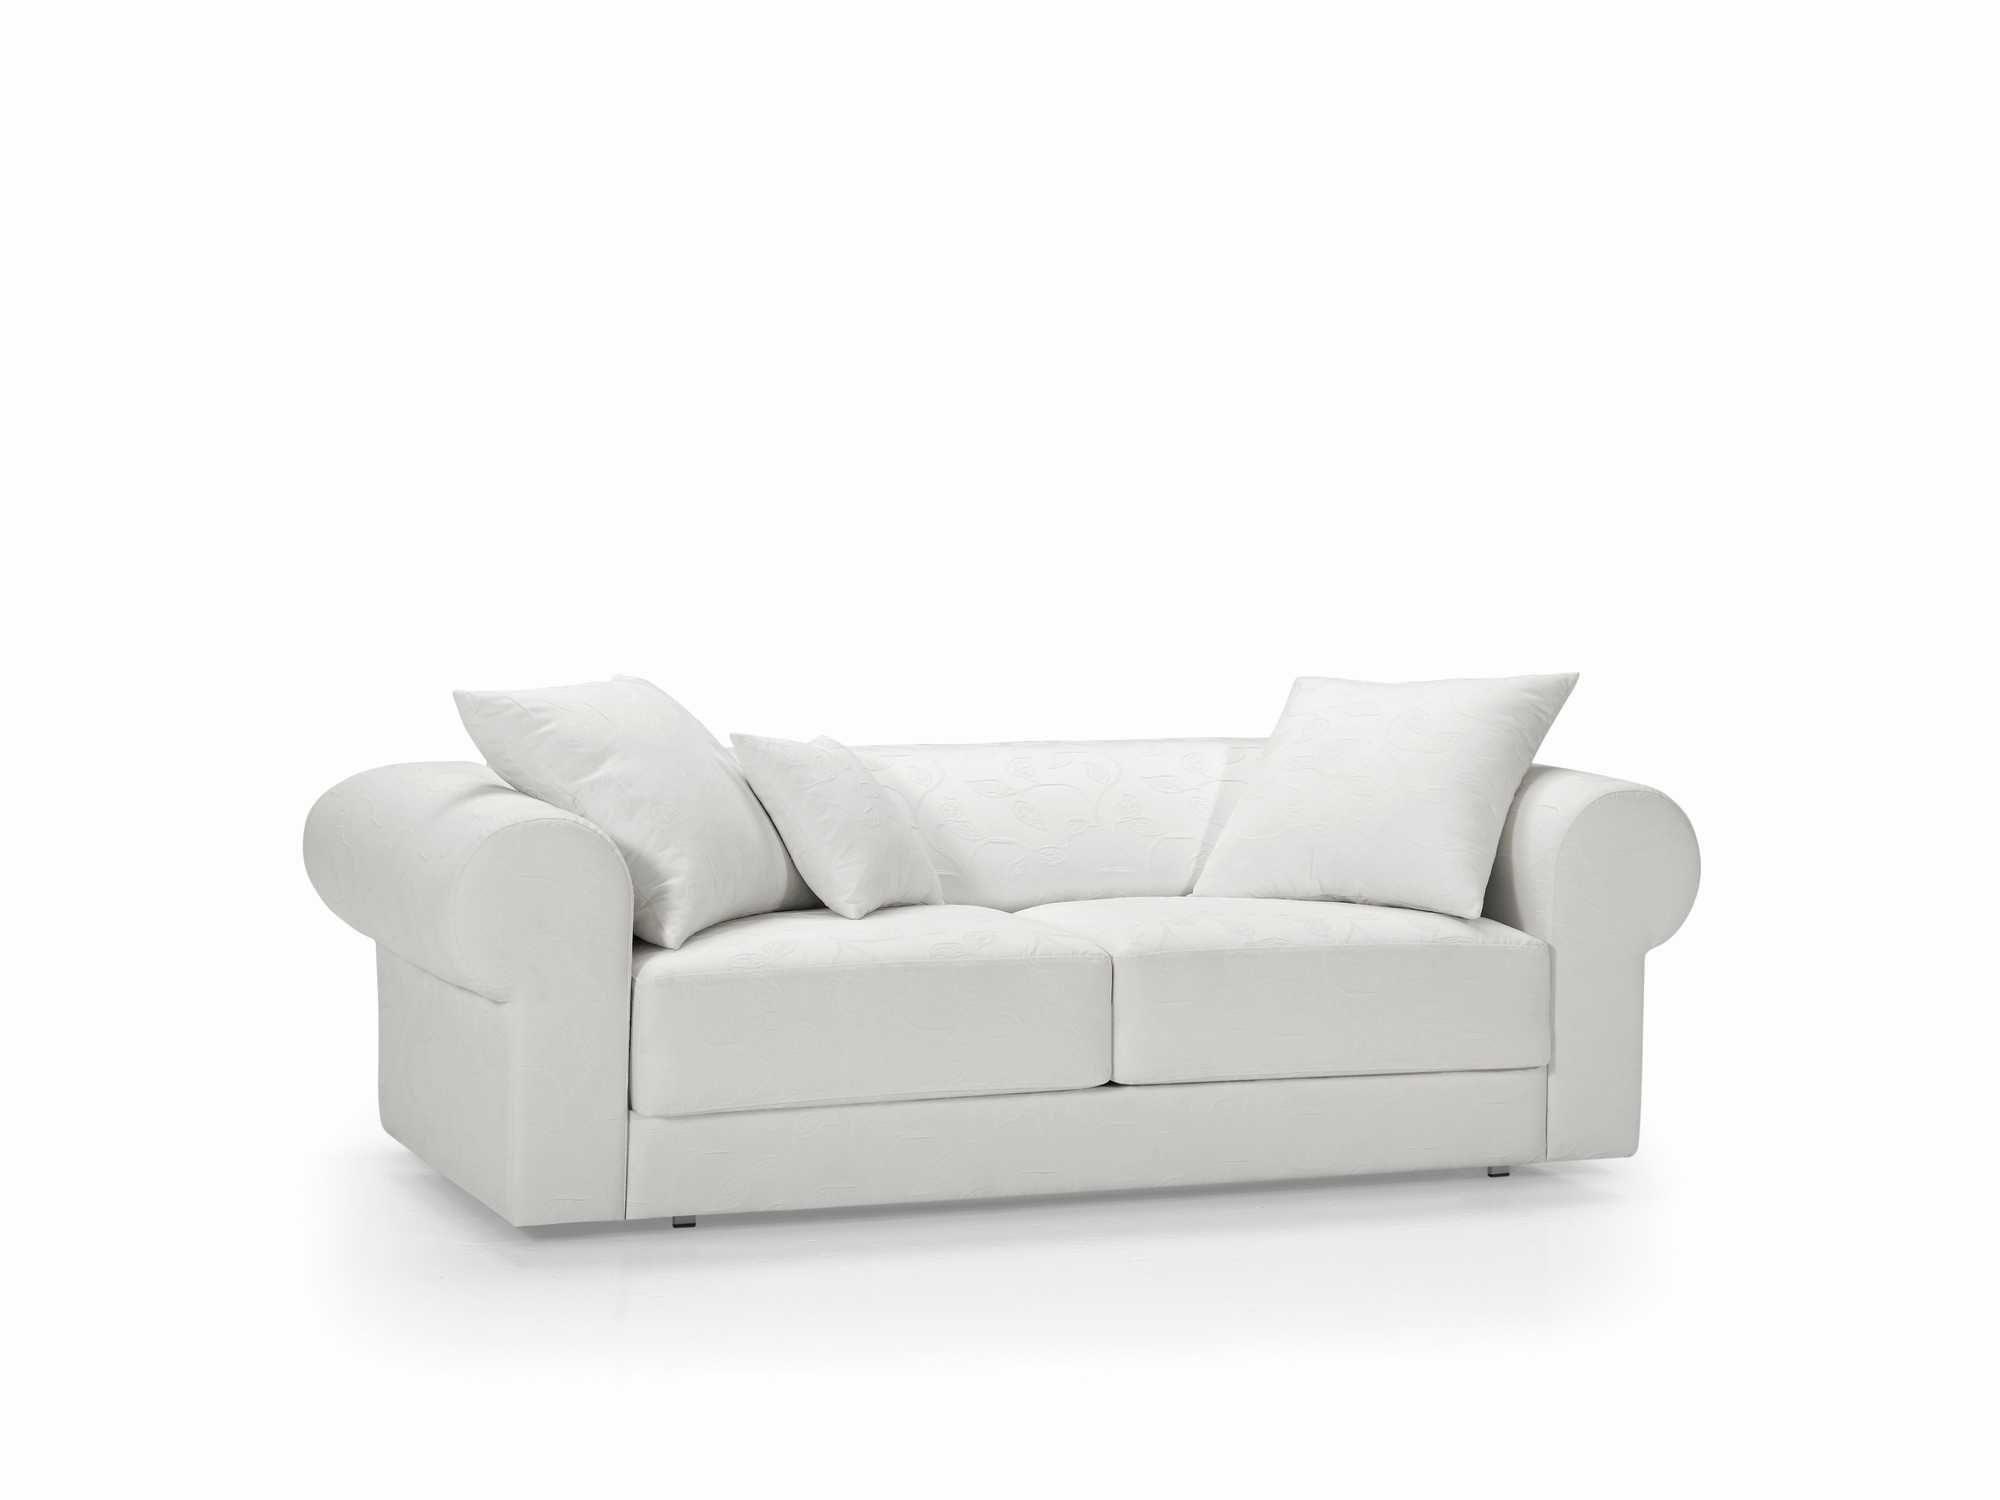 Canapé Lit Convertible Couchage Quotidien Bel Juste Canapé Lit Quoti N Dans 41 De Luxes Matelas Pour Canapé